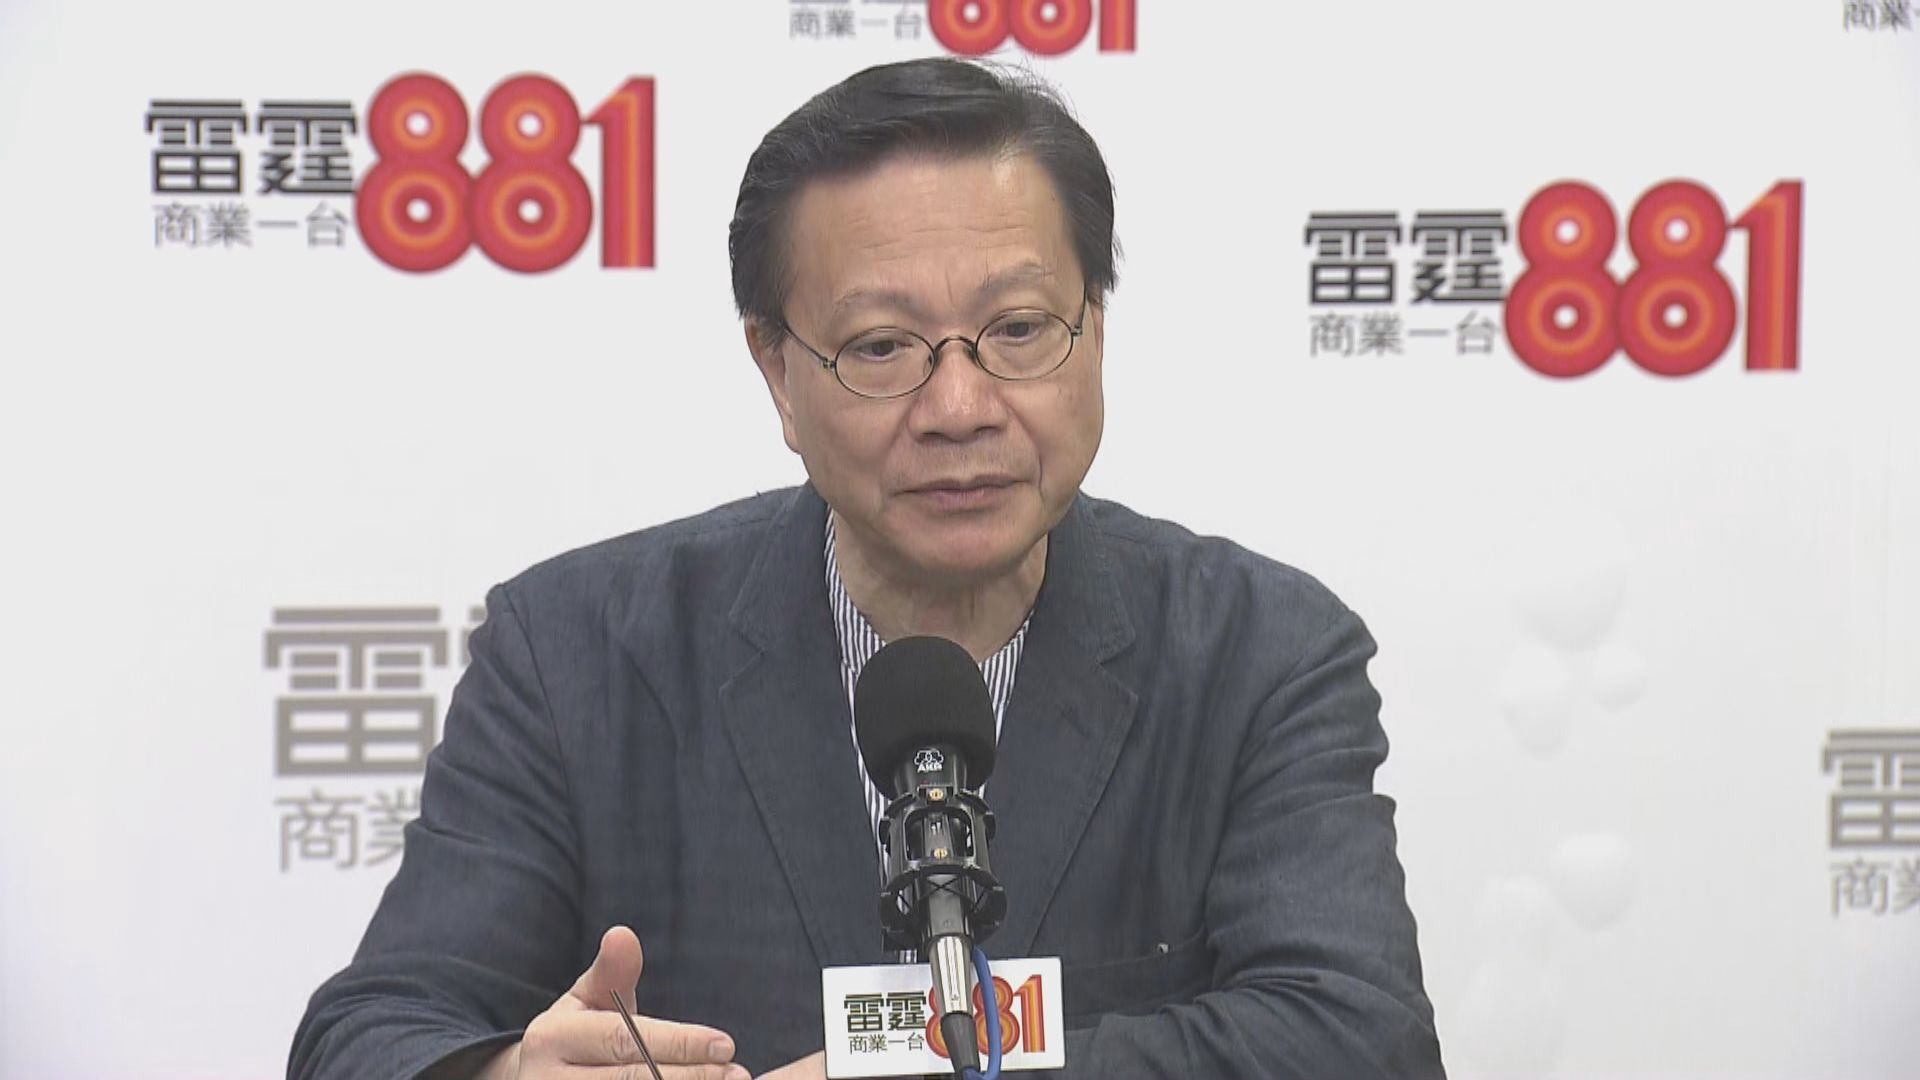 張炳良:社會正用自殘方式表達訴求